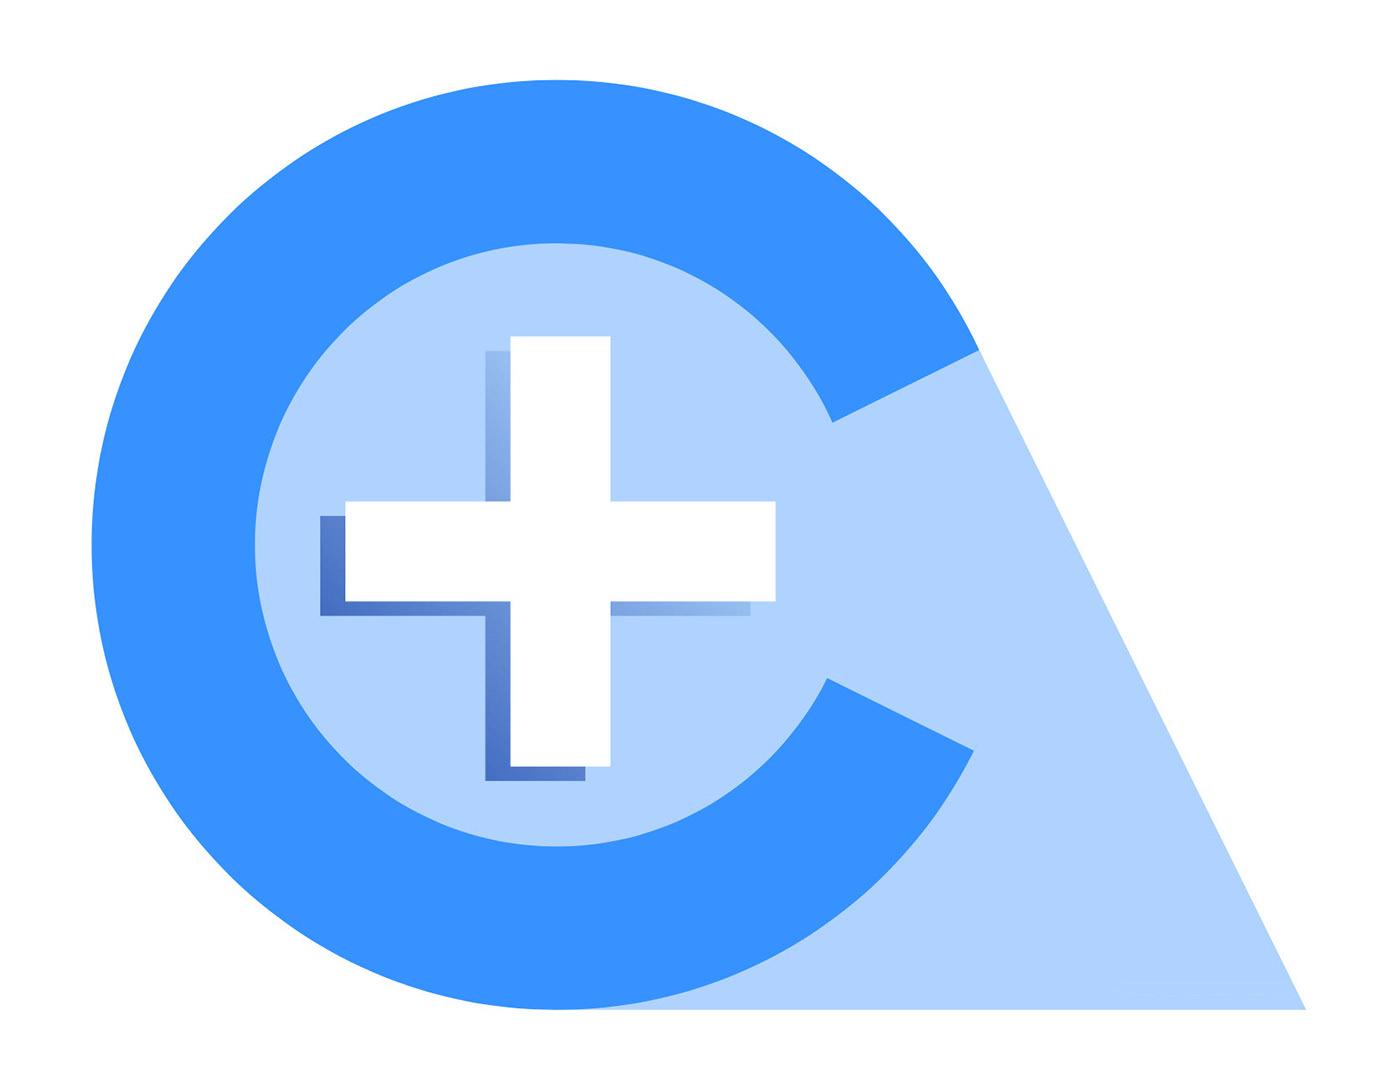 Image may contain: symbol and logo